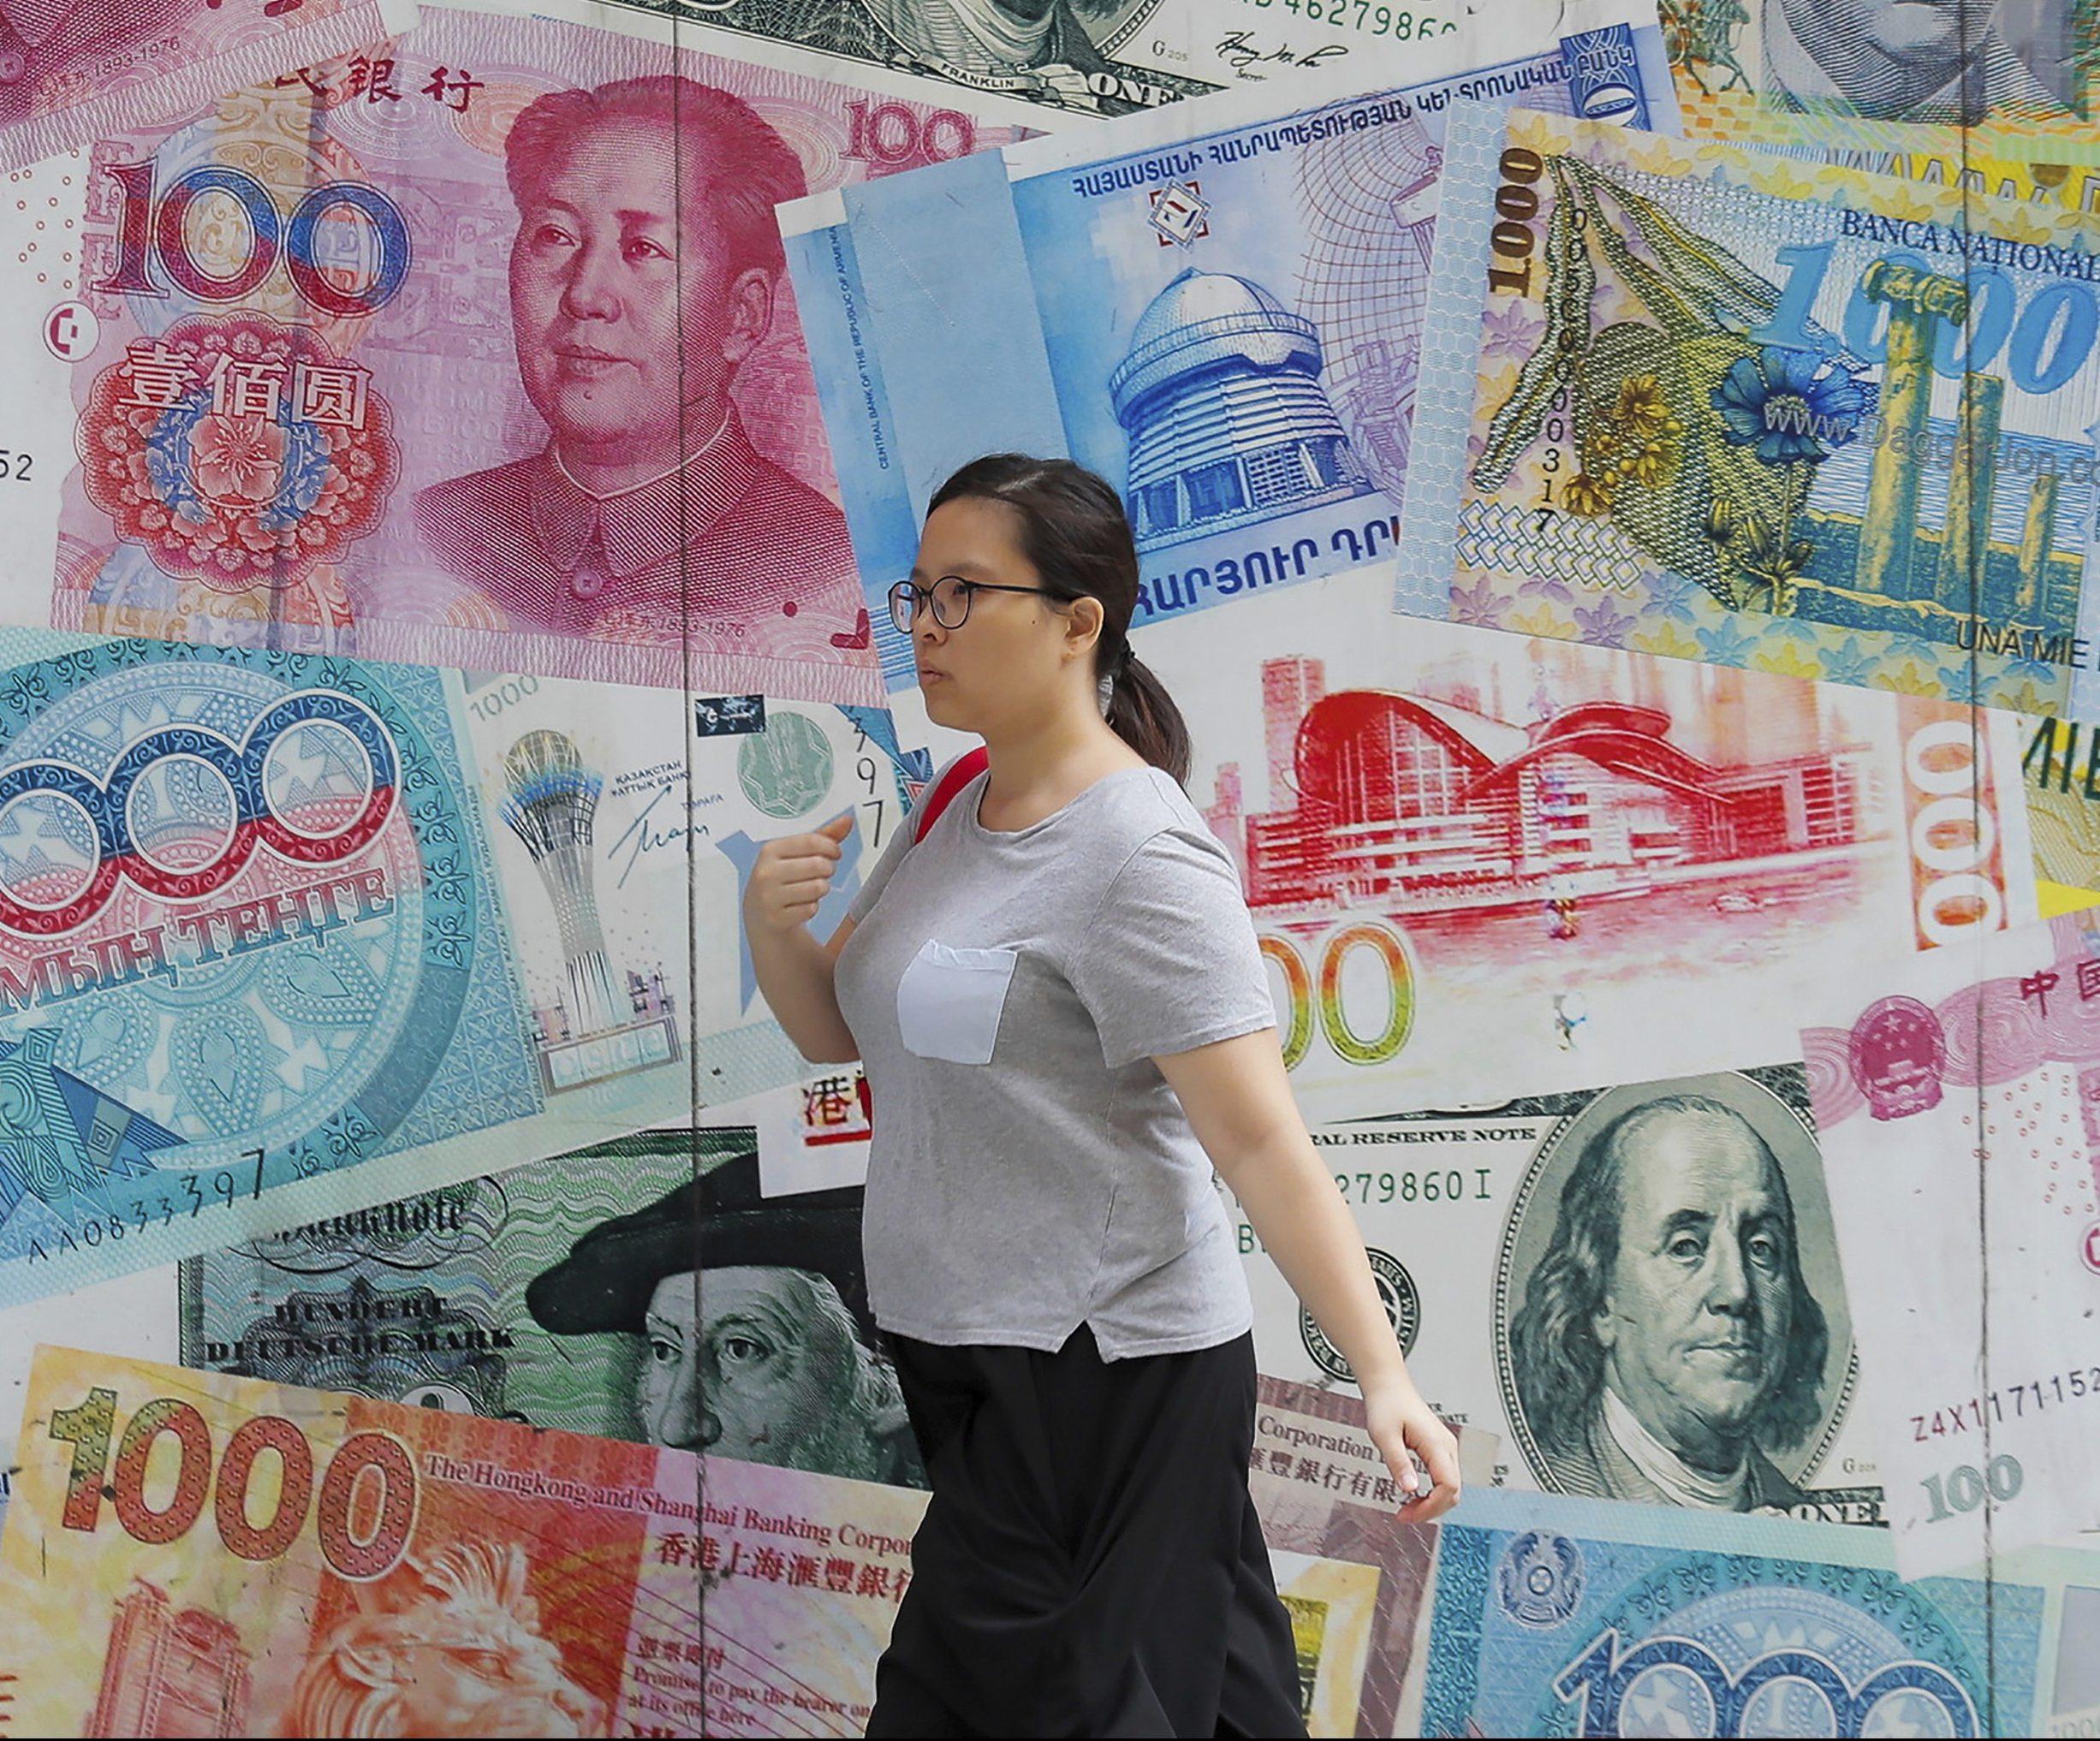 women and money